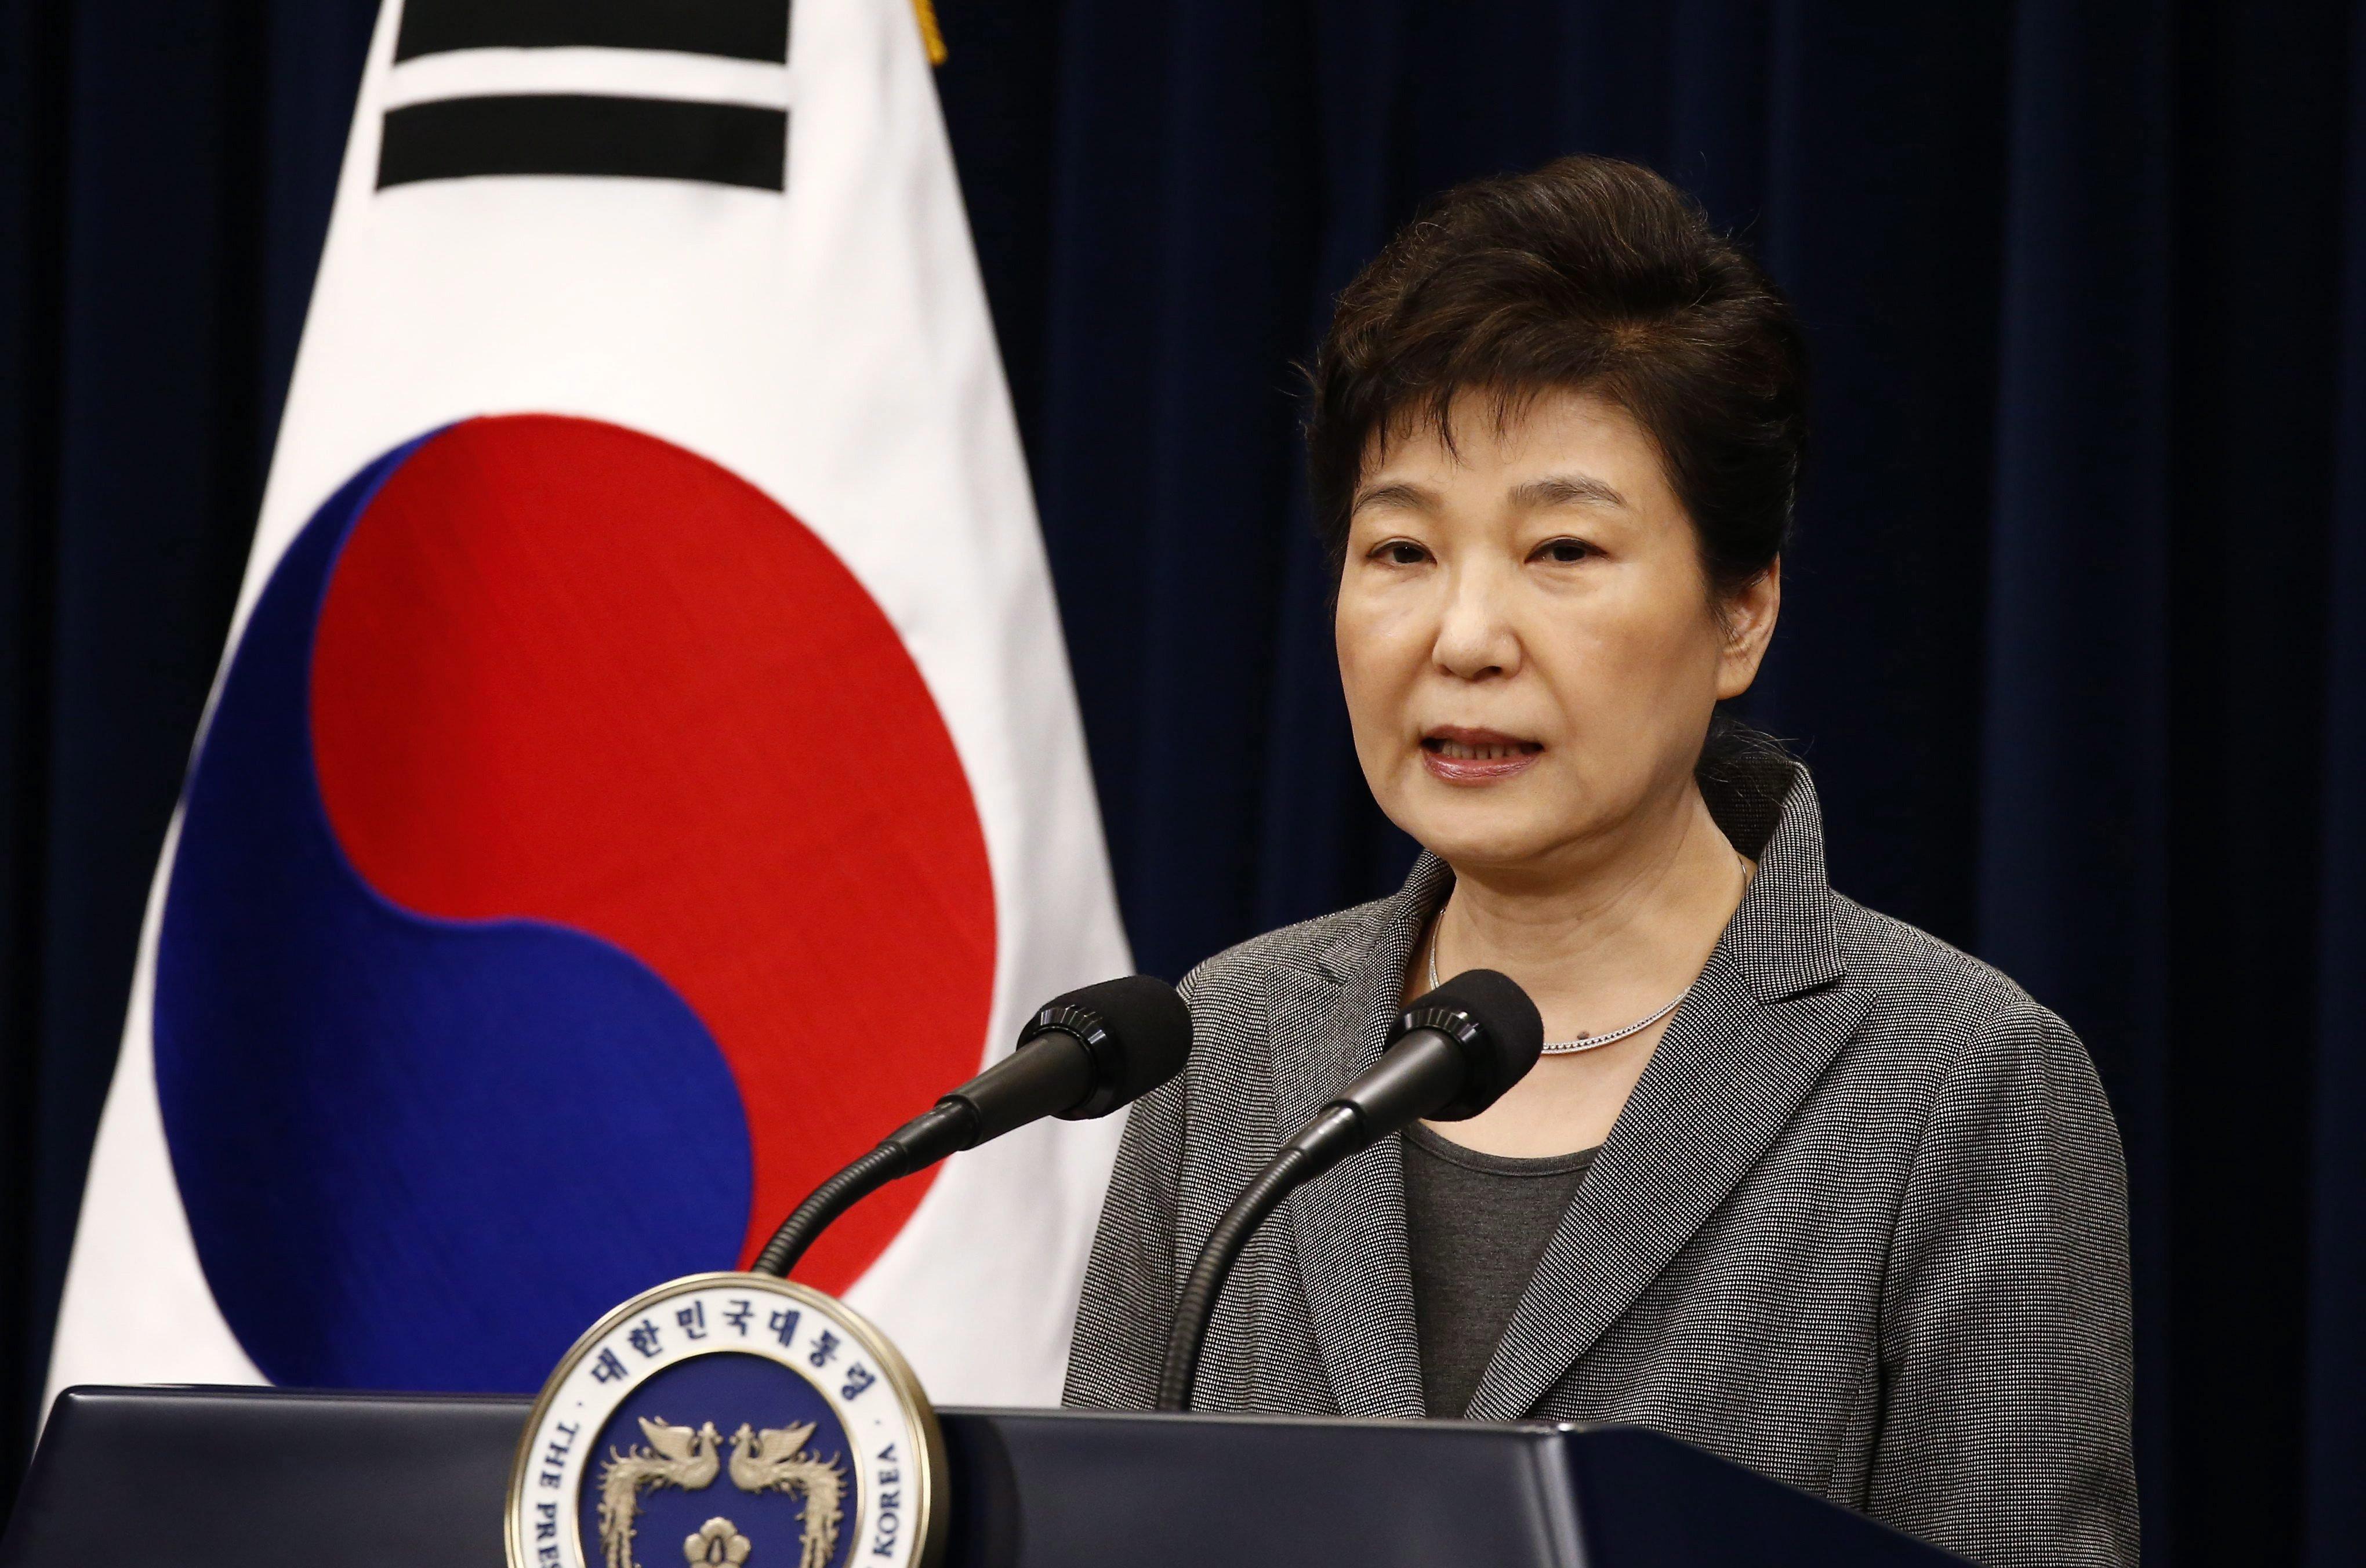 Friss hírek: A volt dél-koreai elnök összeesküvést szőtt Kim Dzsong Un ellen